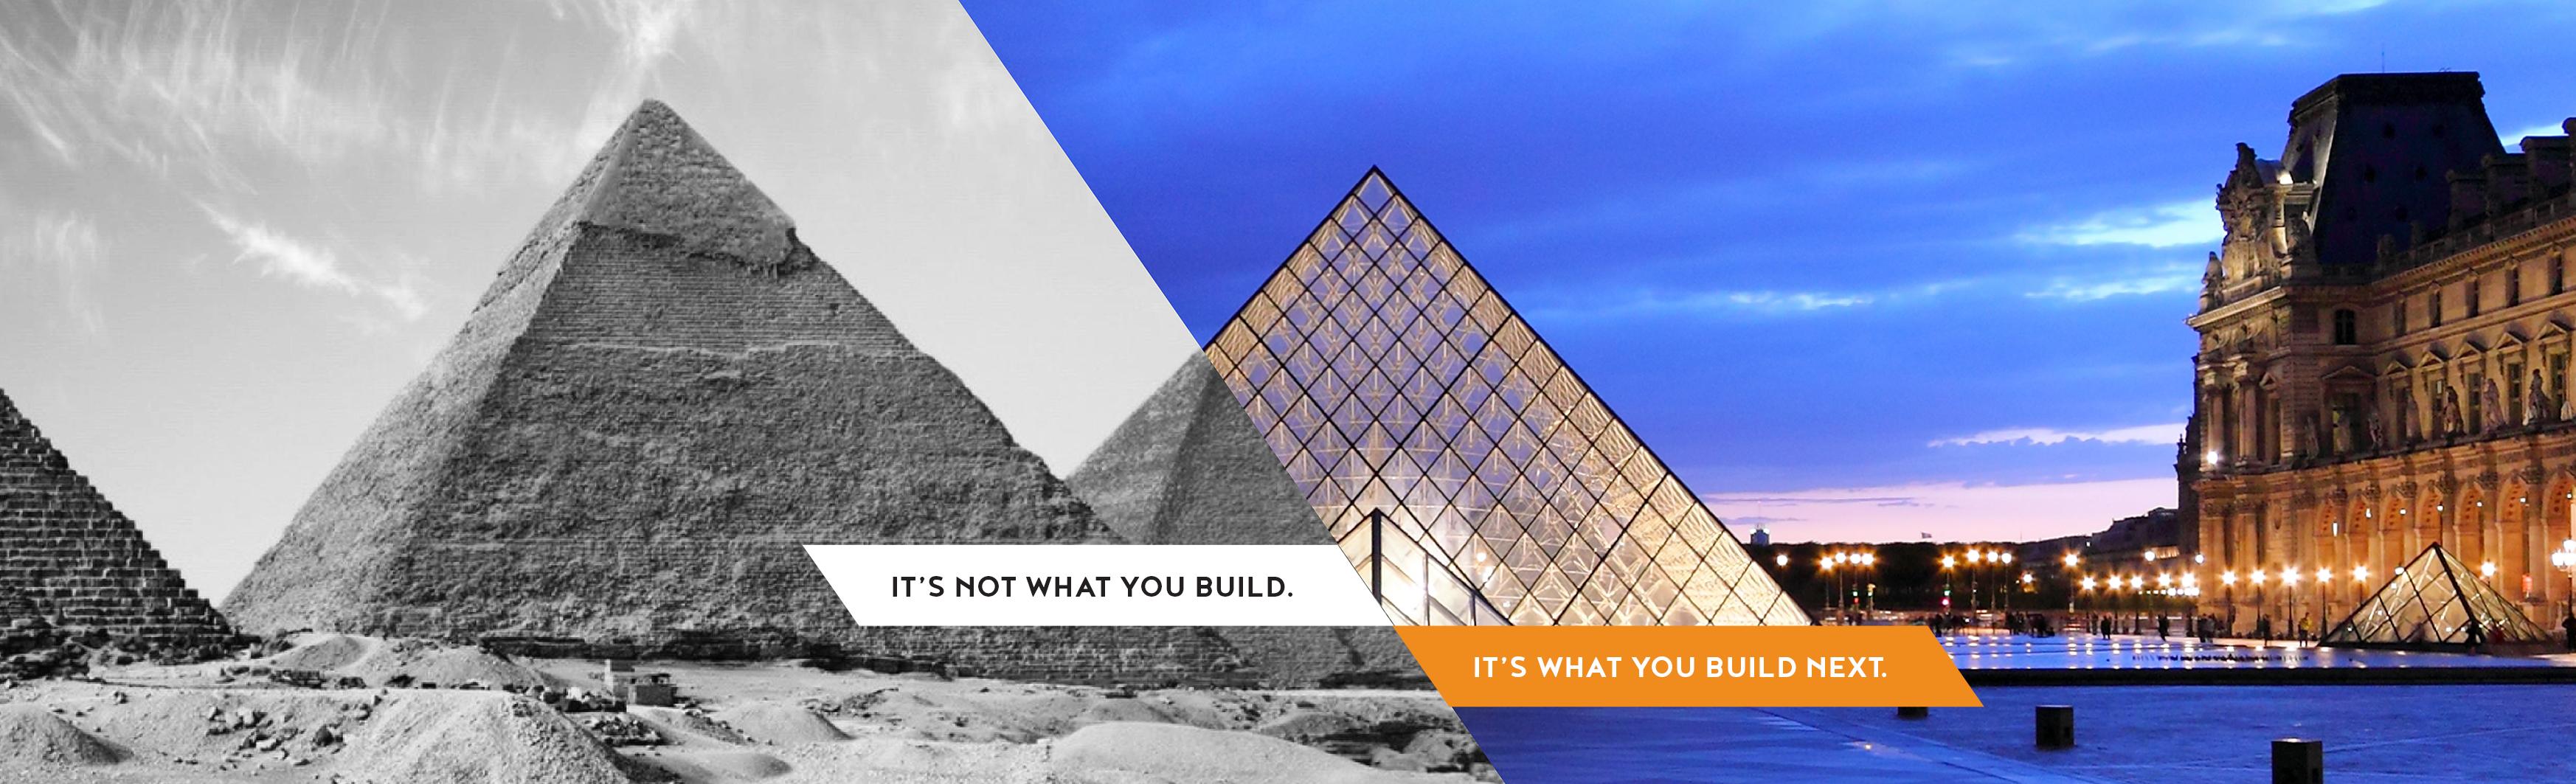 Enyx_Website_Slider-Pyramids